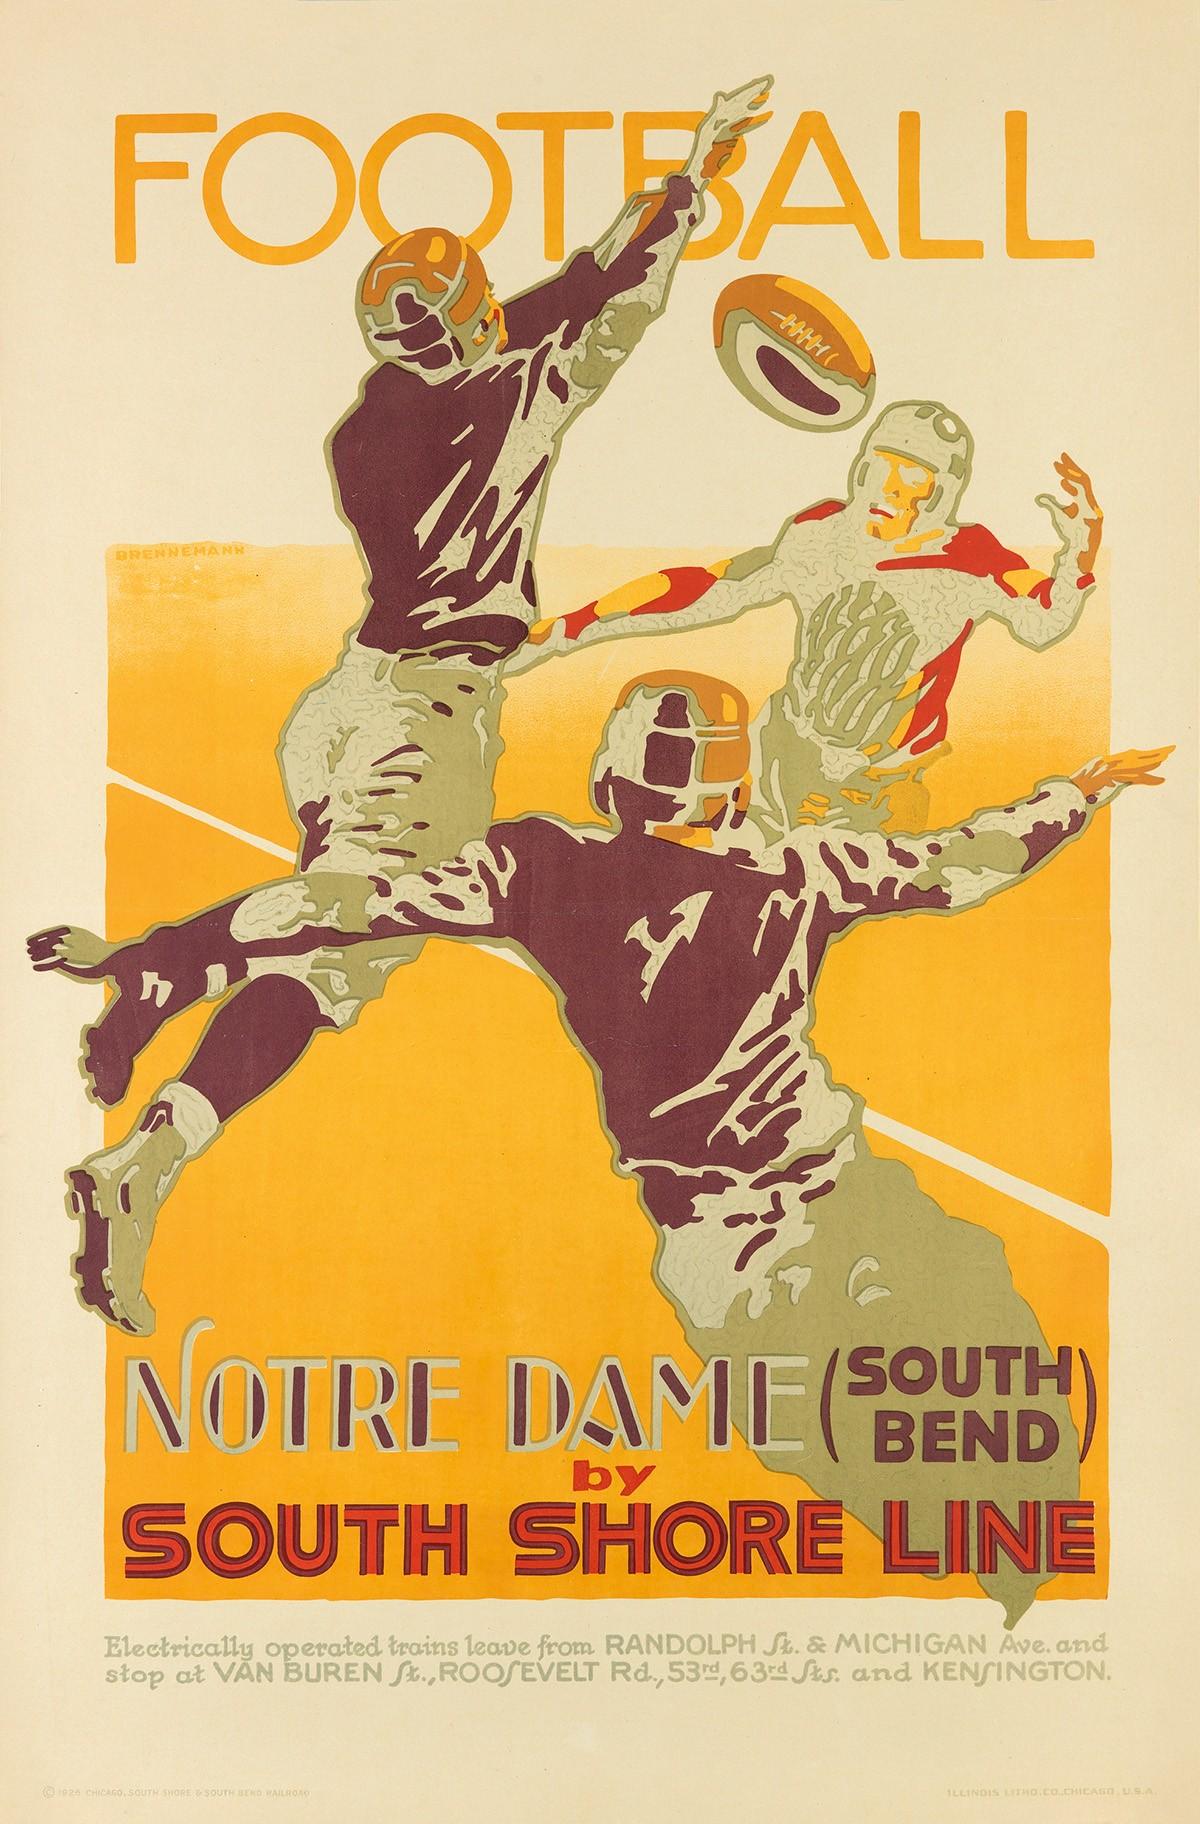 Vintage Notre Dame football poster